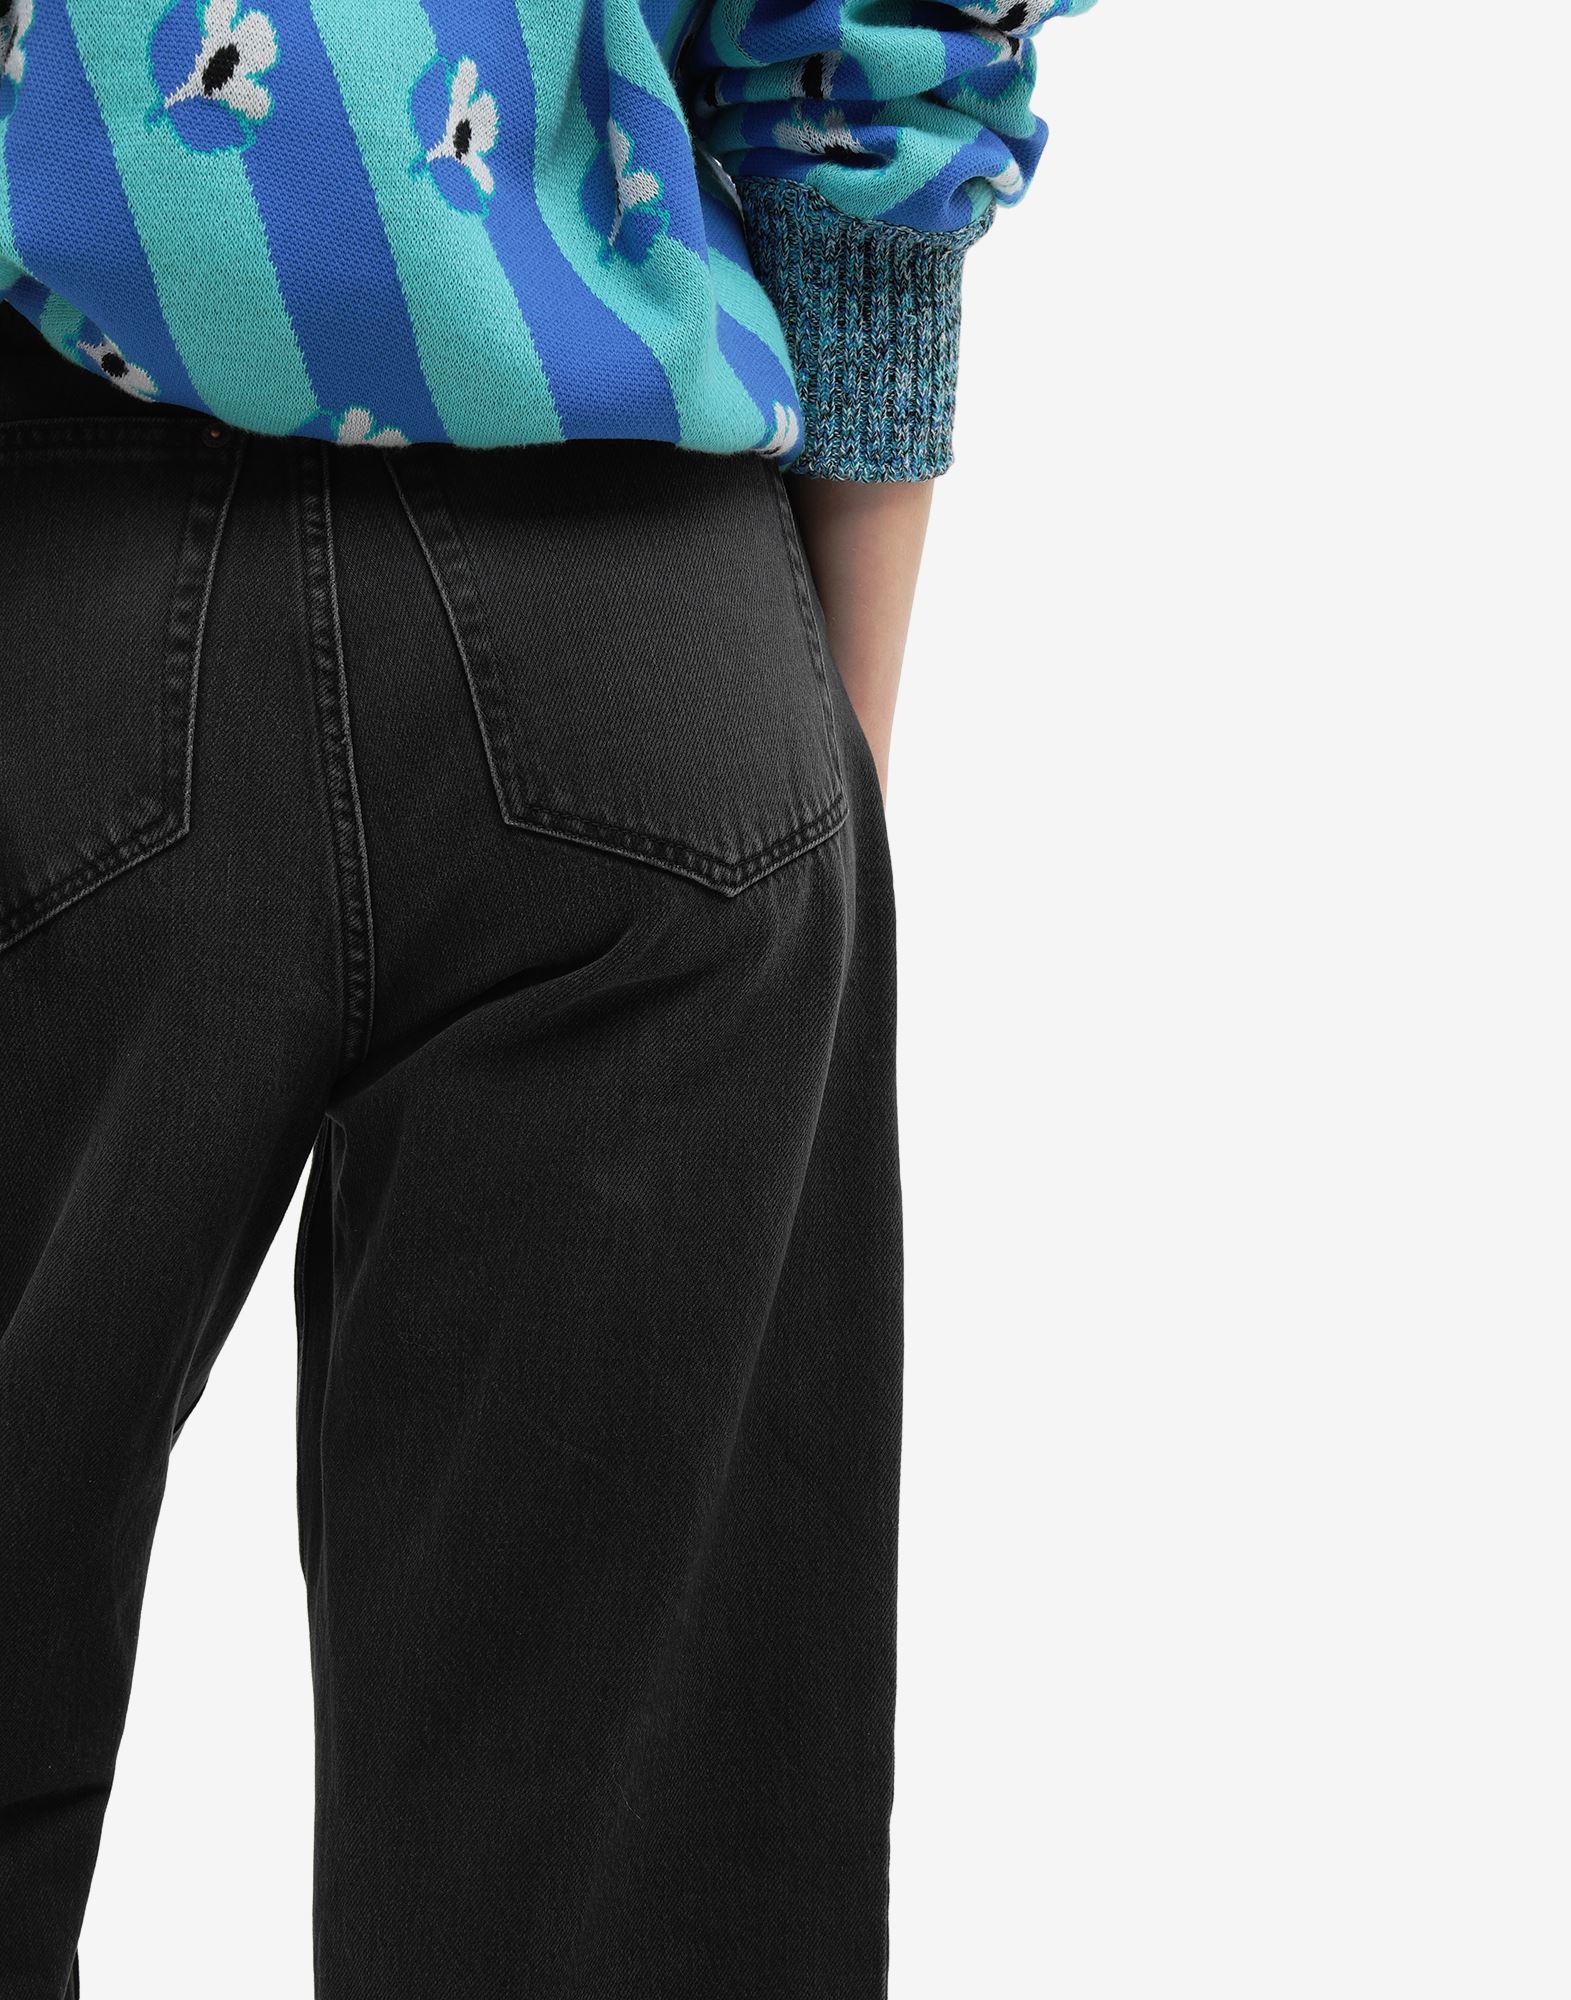 MM6 MAISON MARGIELA Jean taille haute Pantalon en jean Femme b